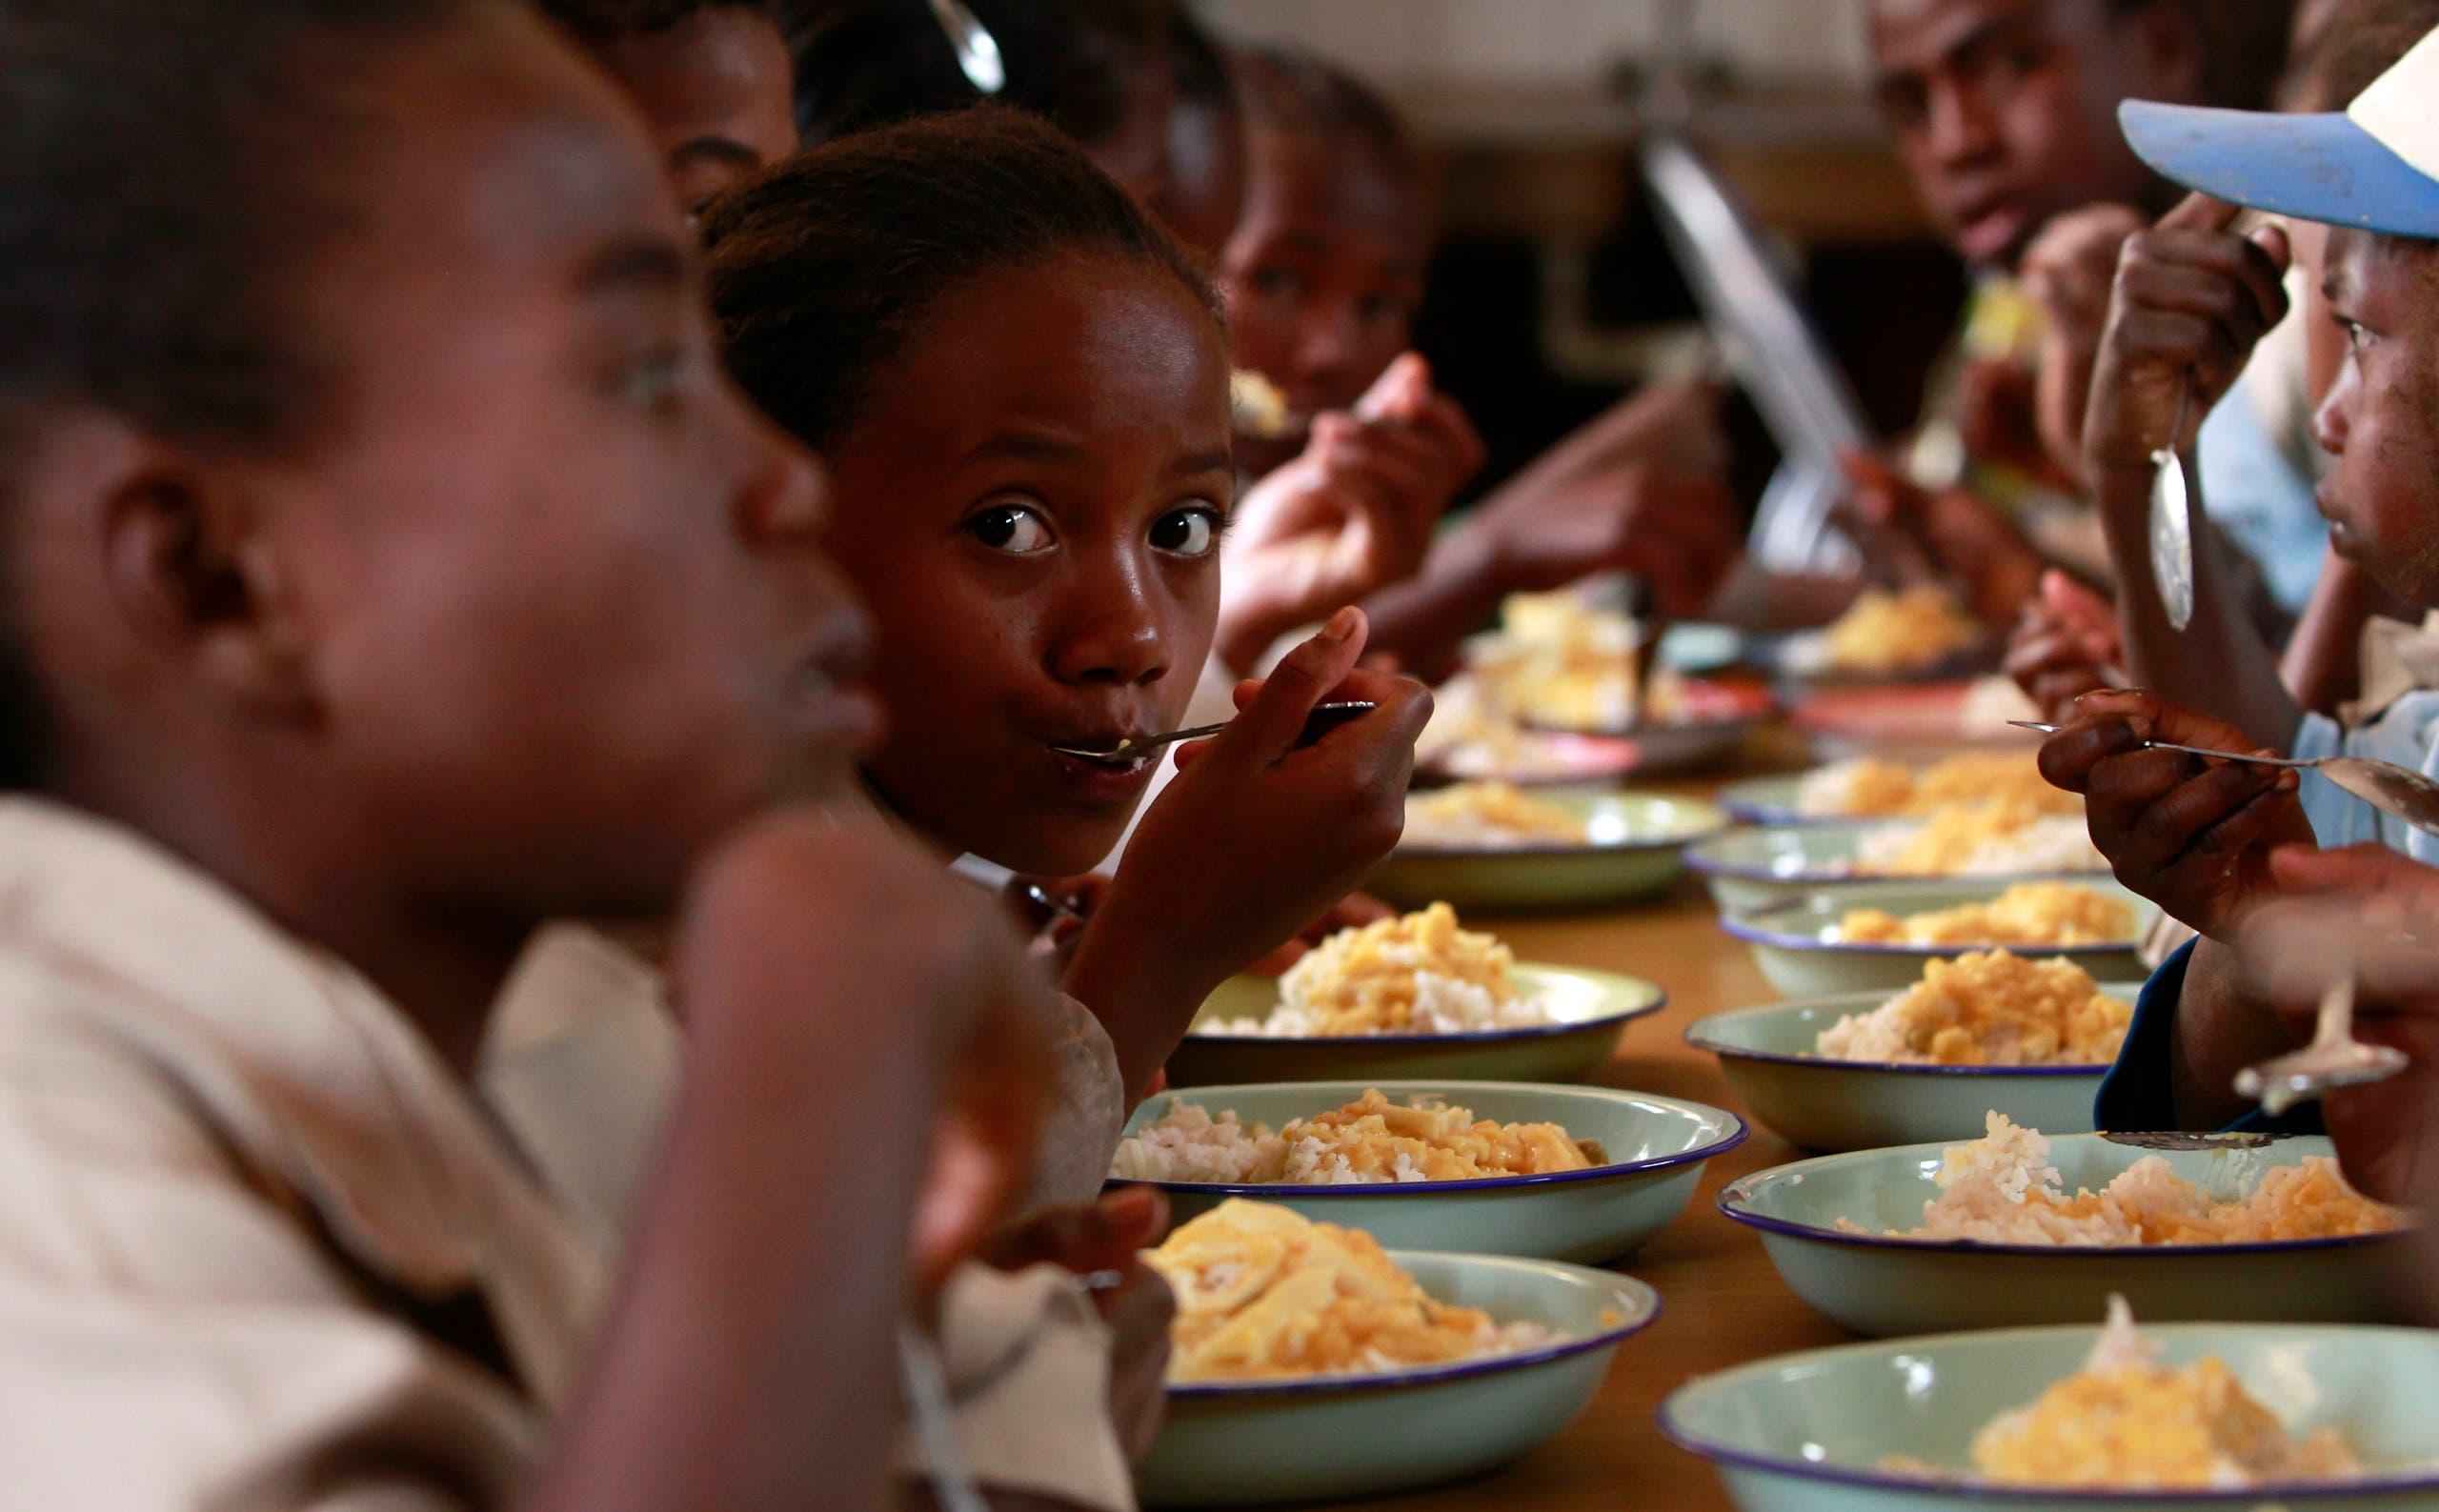 مبادرة لإطعام الأطفال في المدارس في مدغشقر لمكافحة الجوع